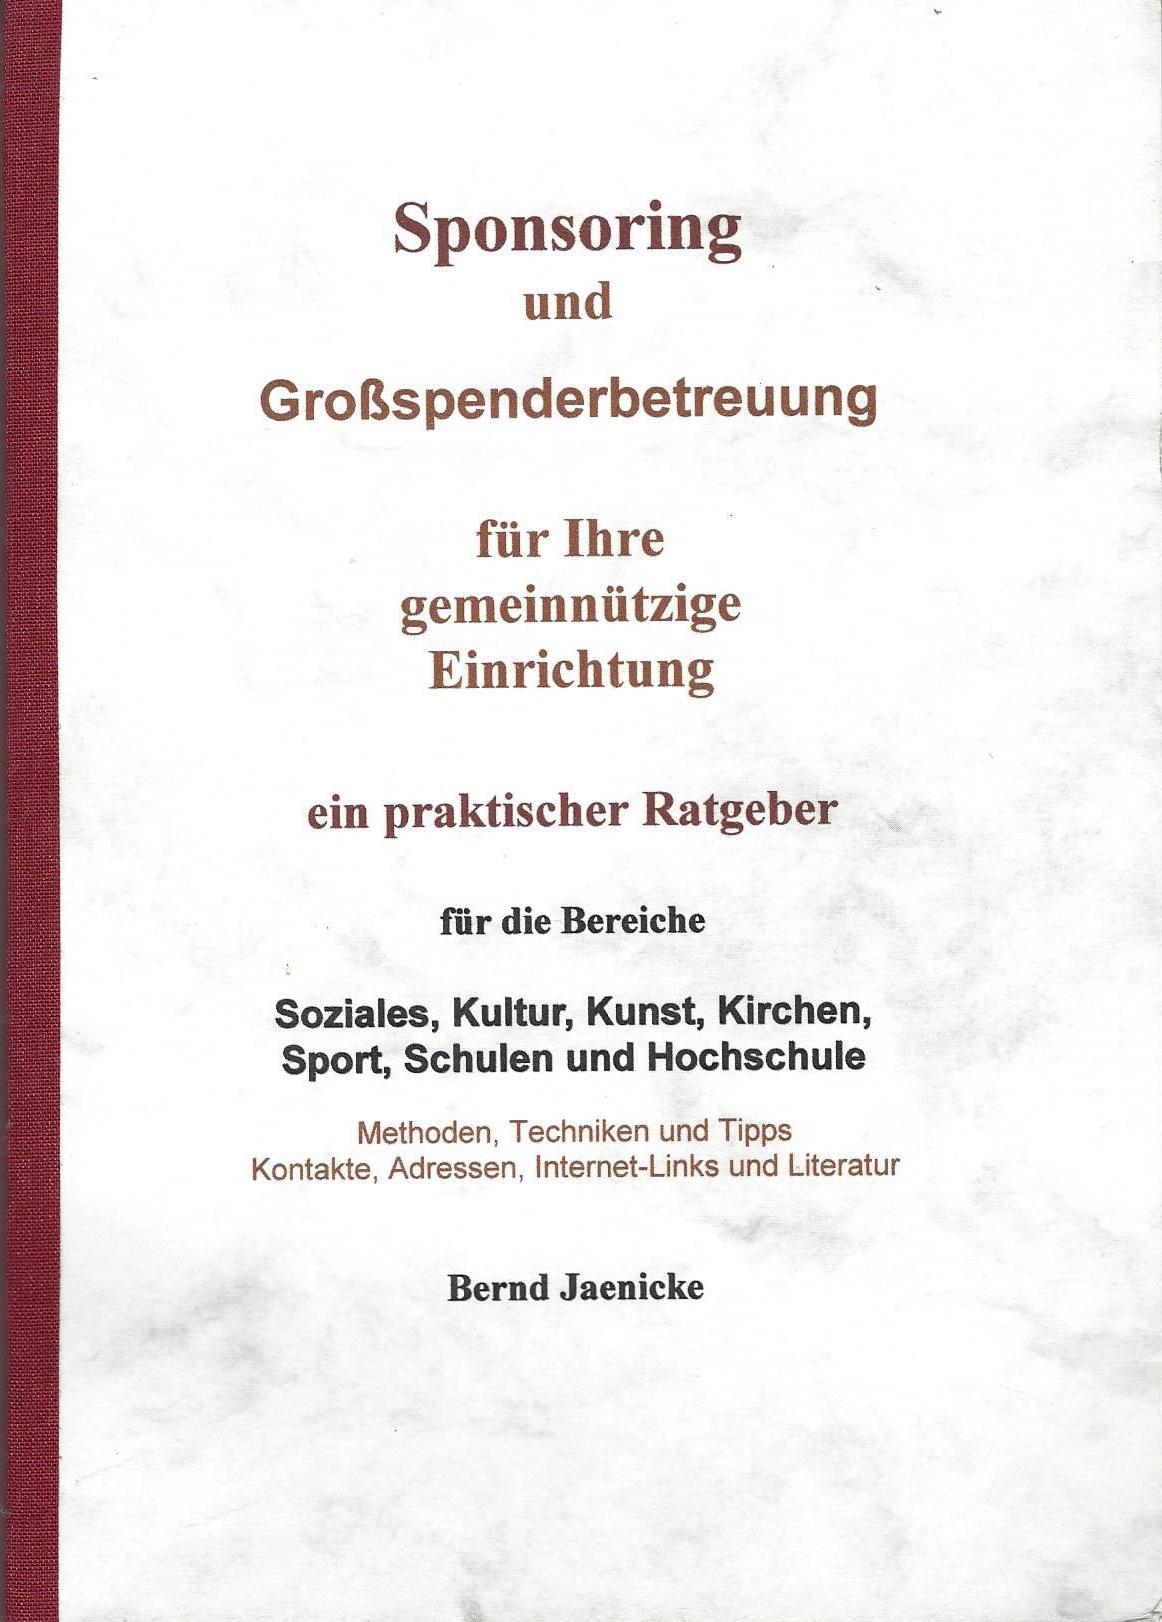 Autor: Bernd Jaenicke